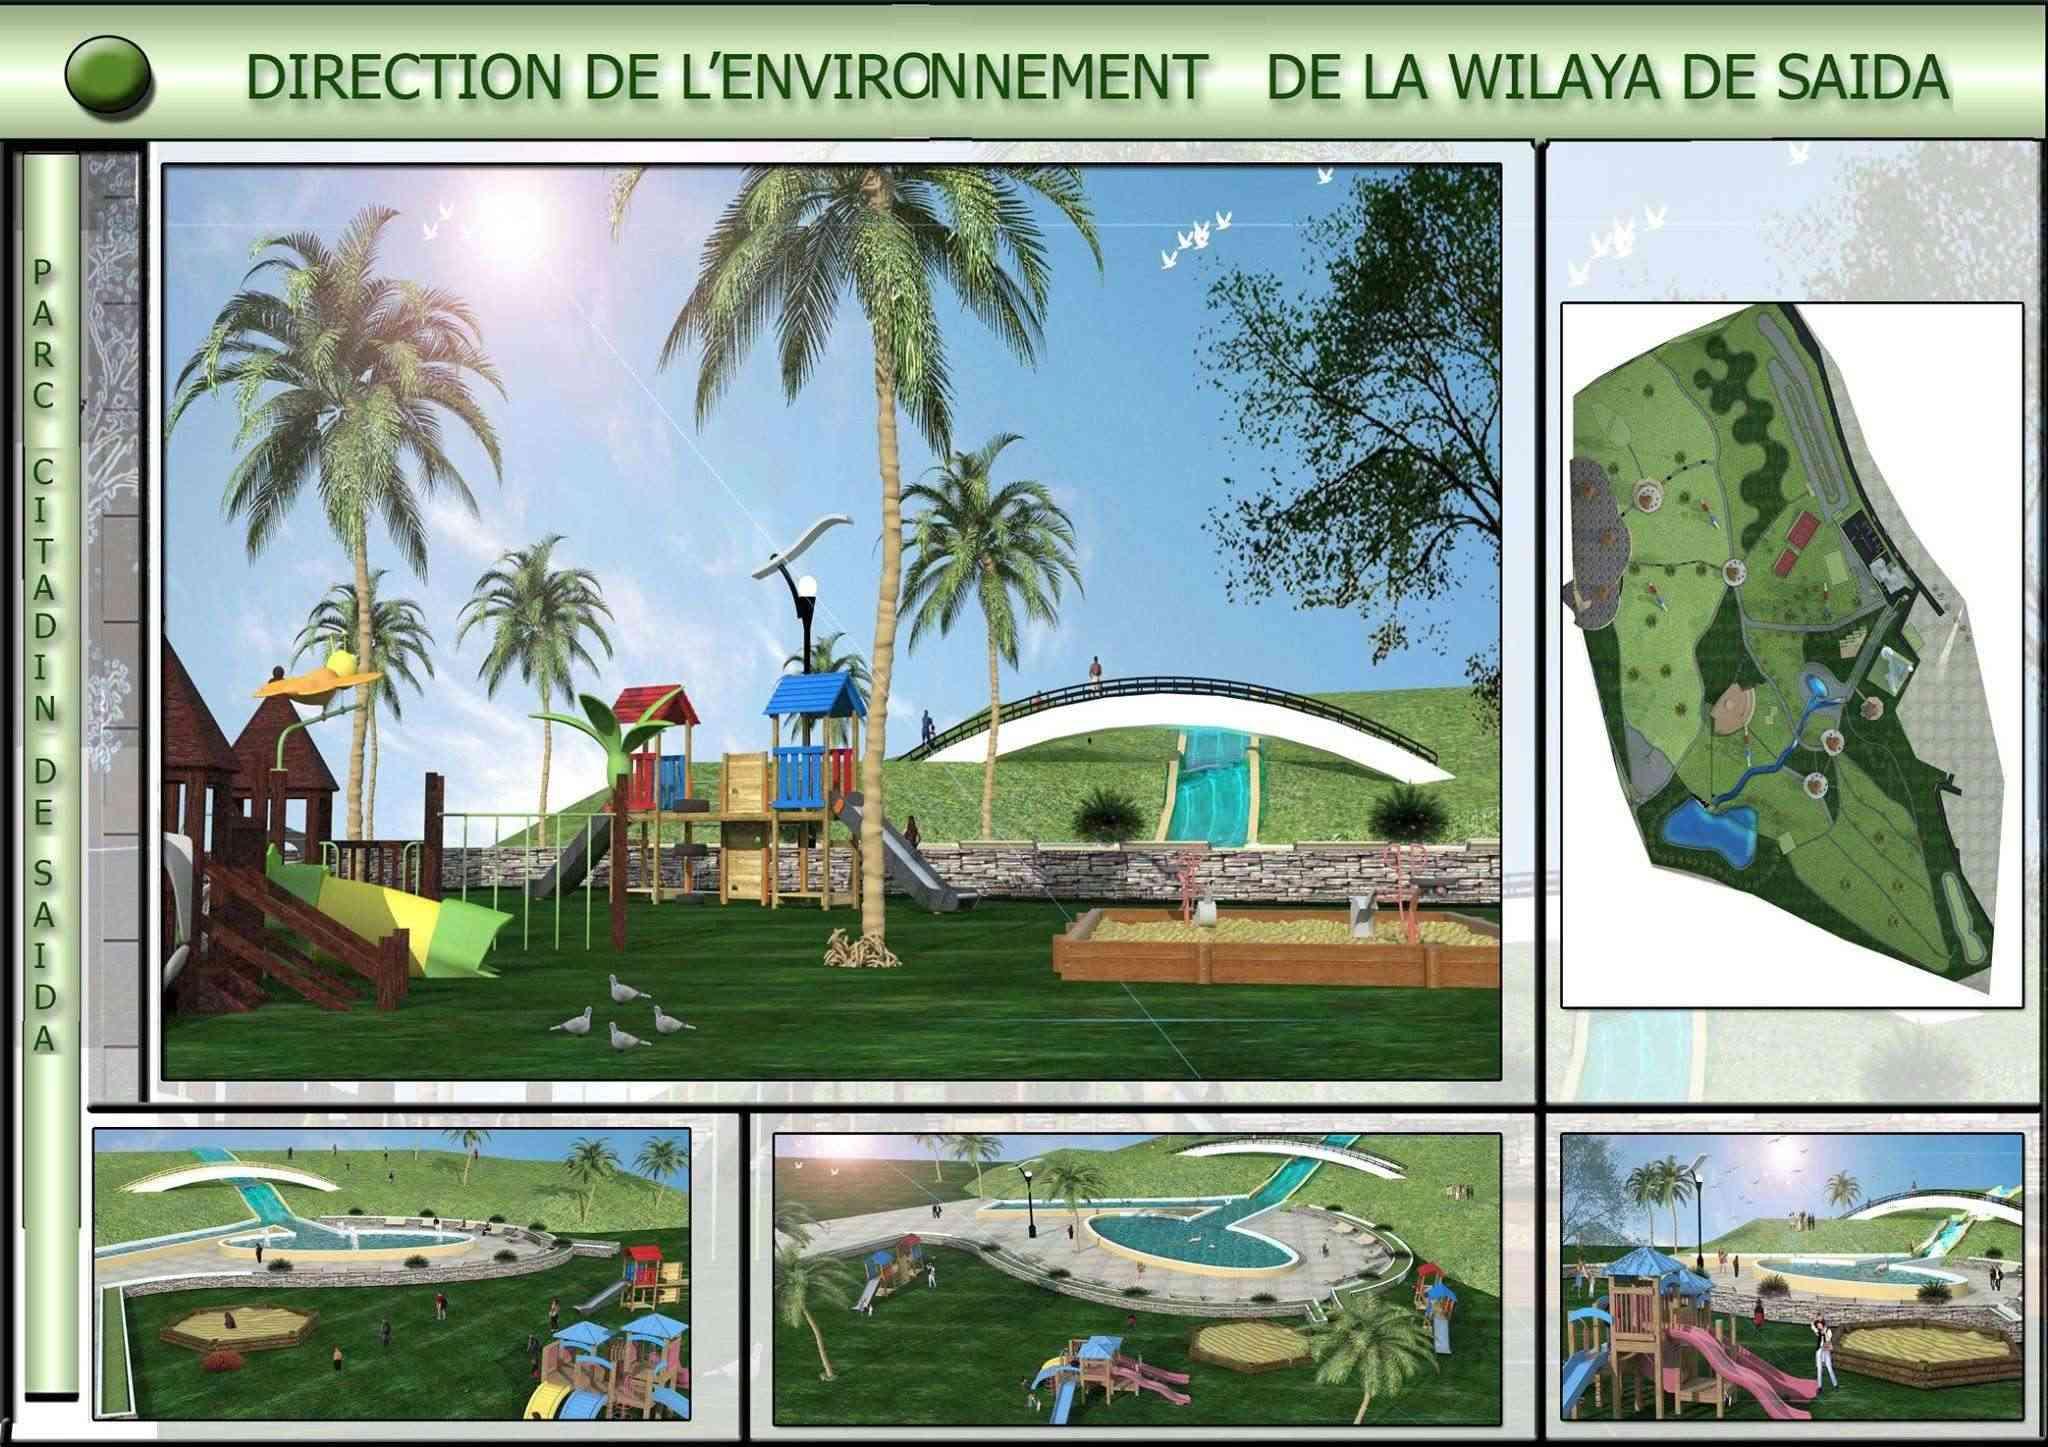 Le parc citadin d'El Bordj SAIDA Tt10